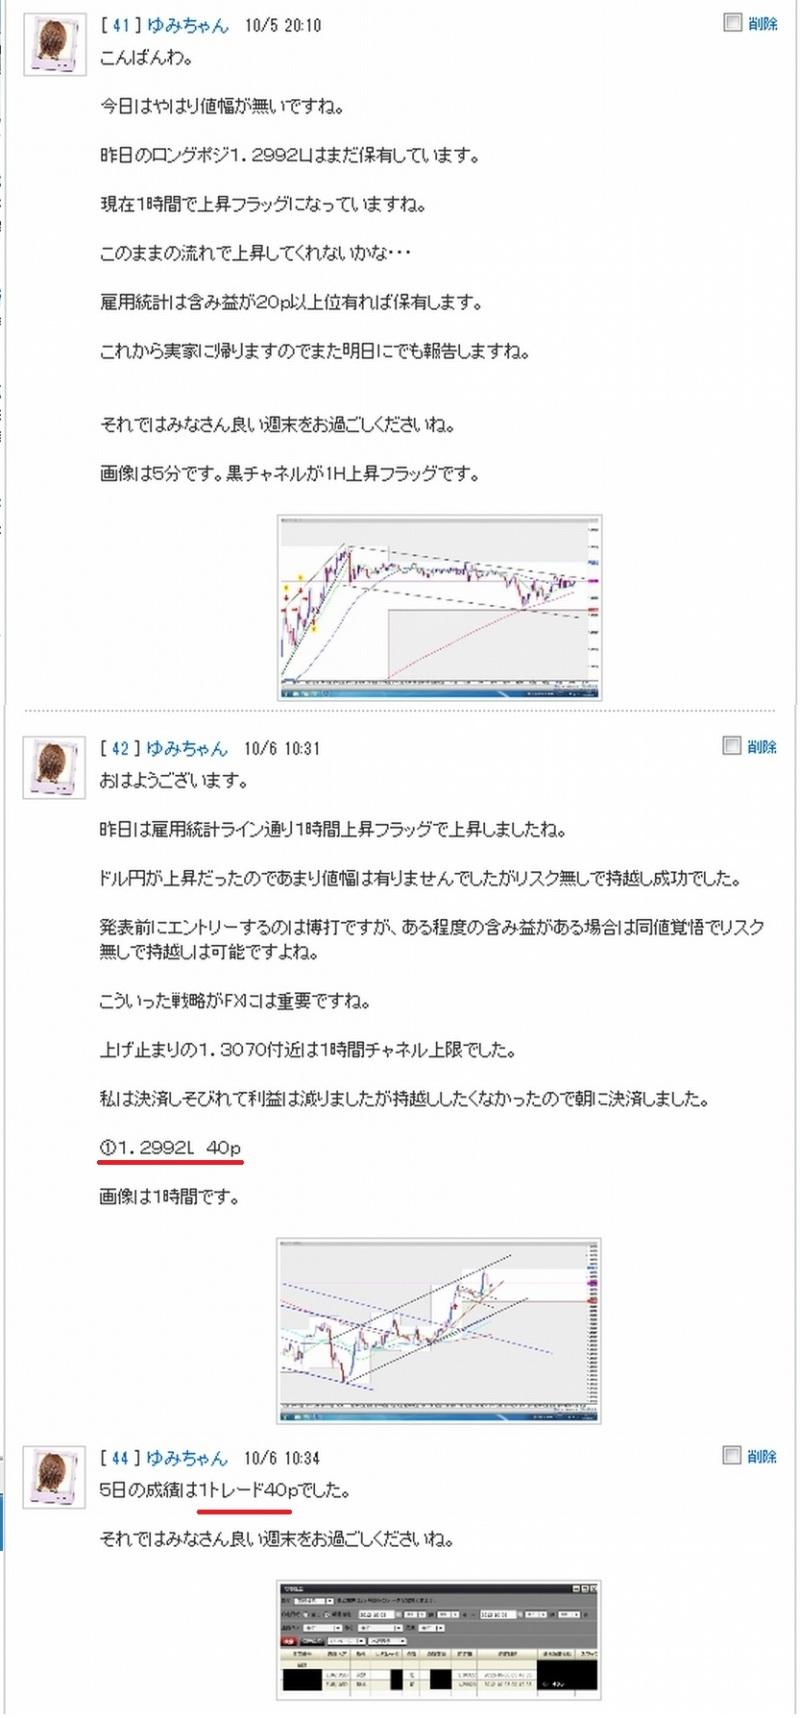 blog_import_513af987496c6